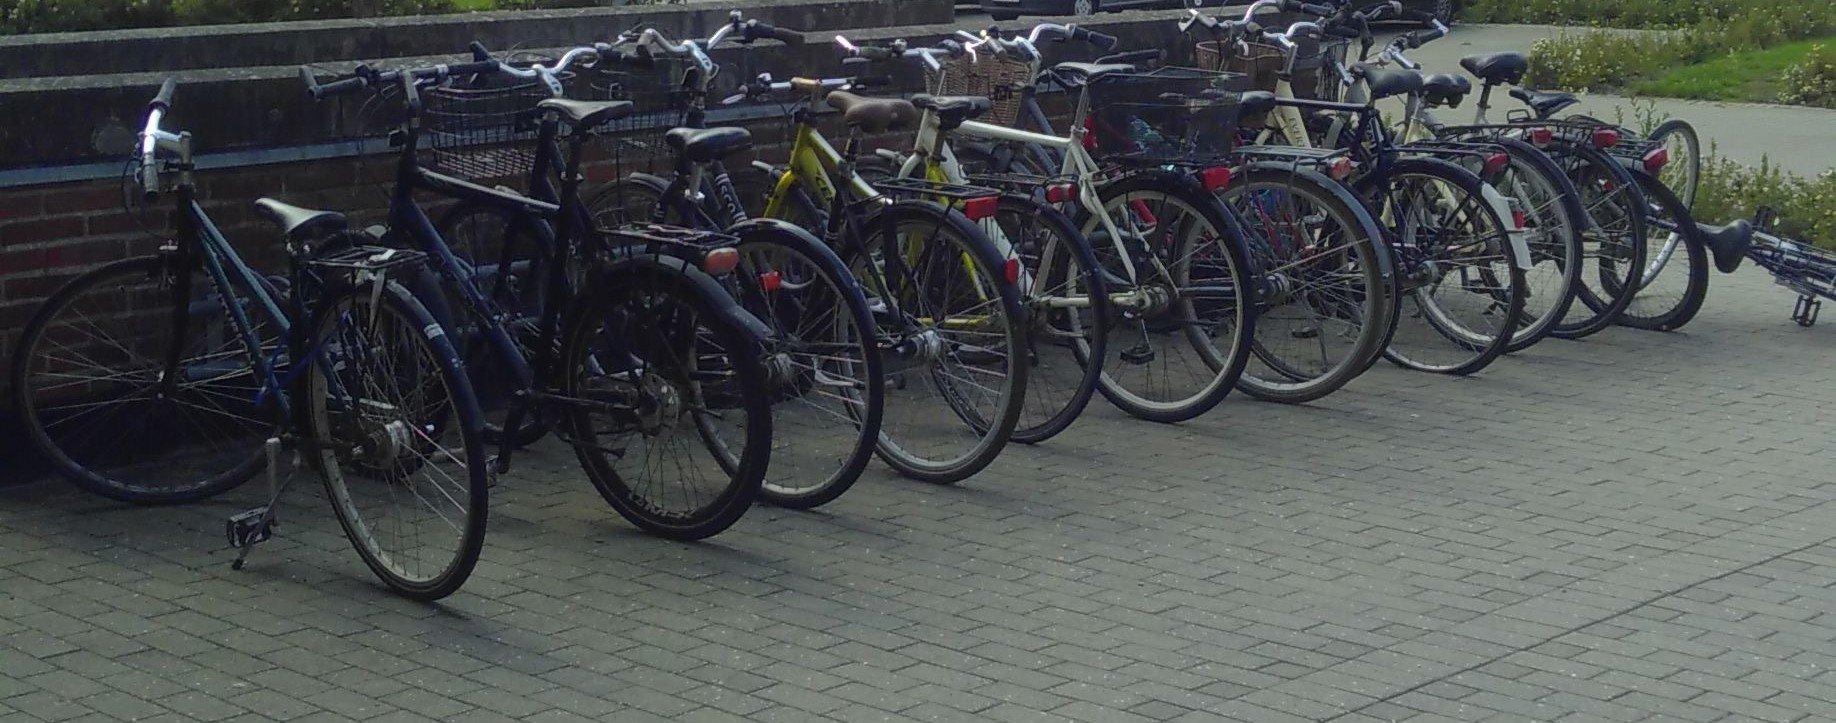 Auf dem Tennenbronner Fahrradmarkt finden alte Räder neue Besitzerinnen. Außerdem können am Samstag Wertstoffe abgegeben werden. Symbolfoto: lm